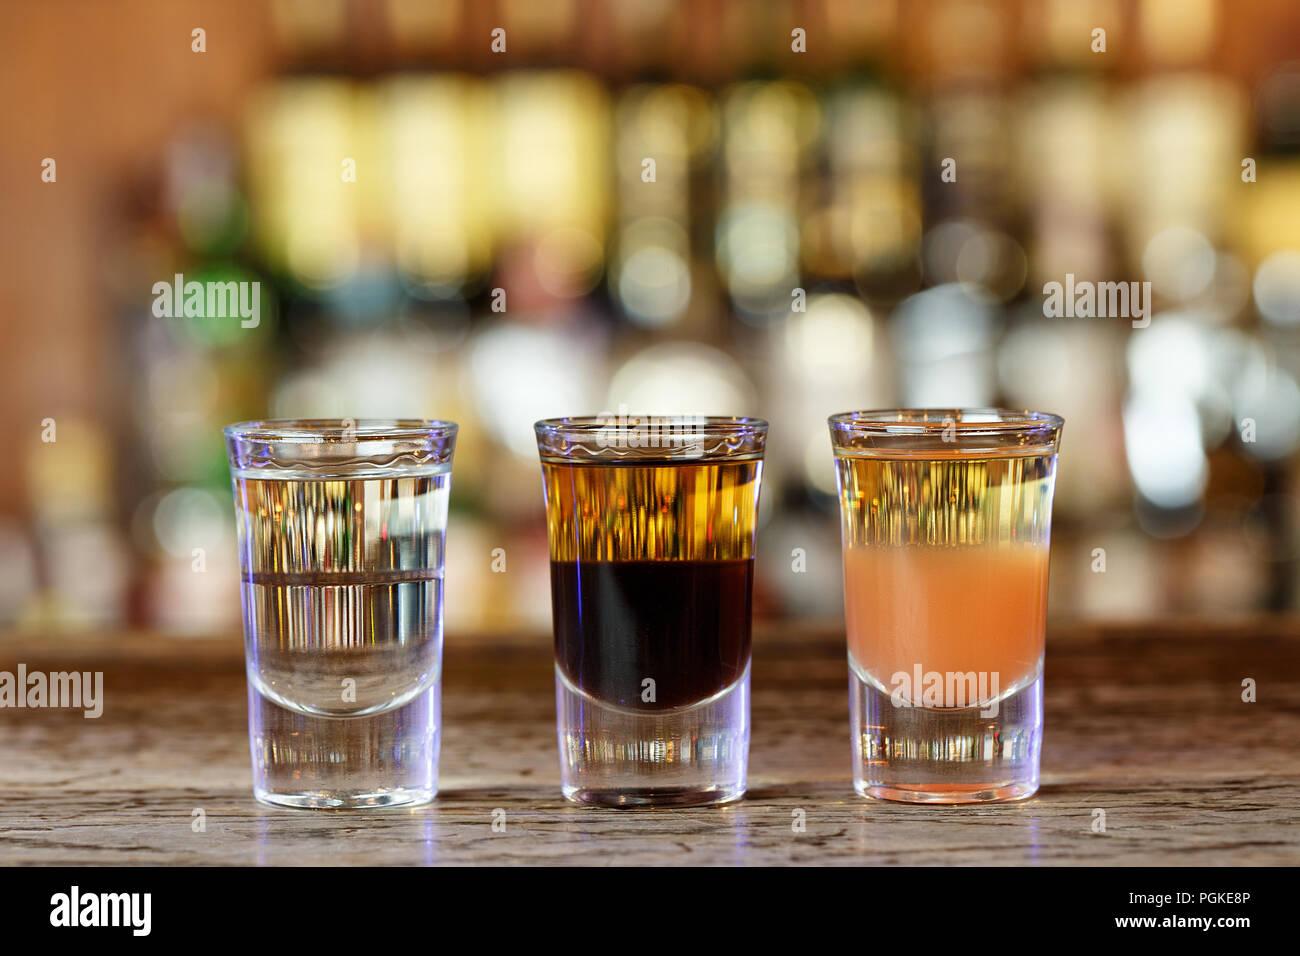 Forte diversi cocktail alcolico scatti in una discoteca sul bancone del bar Immagini Stock